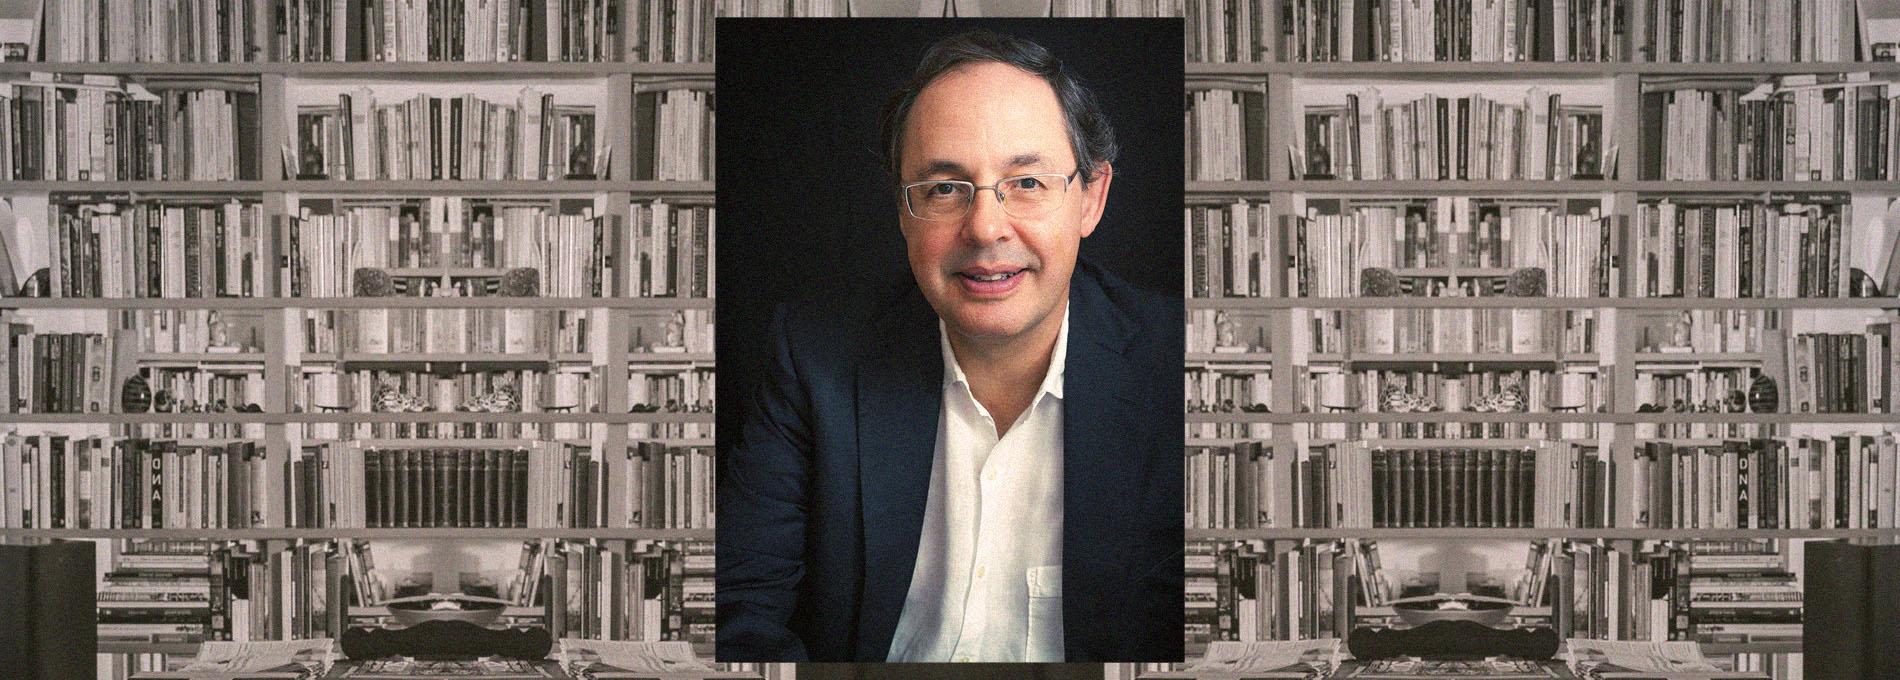 O Brasil por Eduardo Giannetti: ética, economia e Bolsonaro